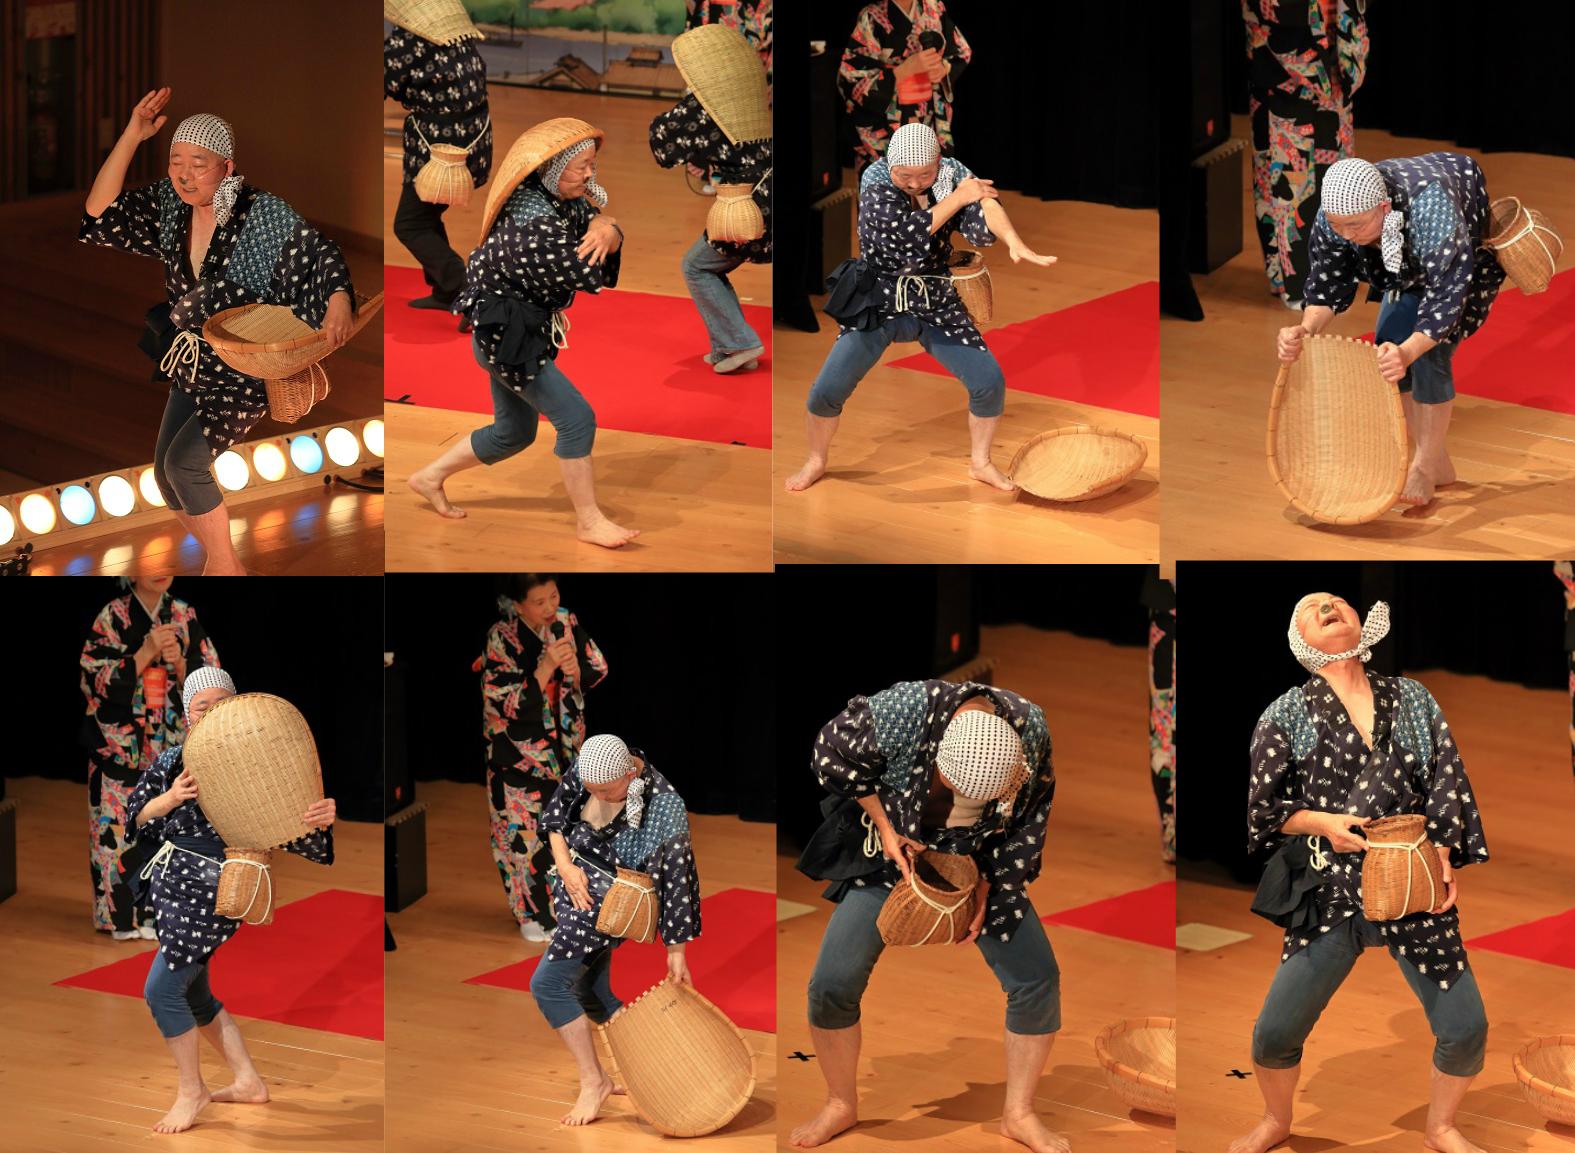 dojou-sukui-dance